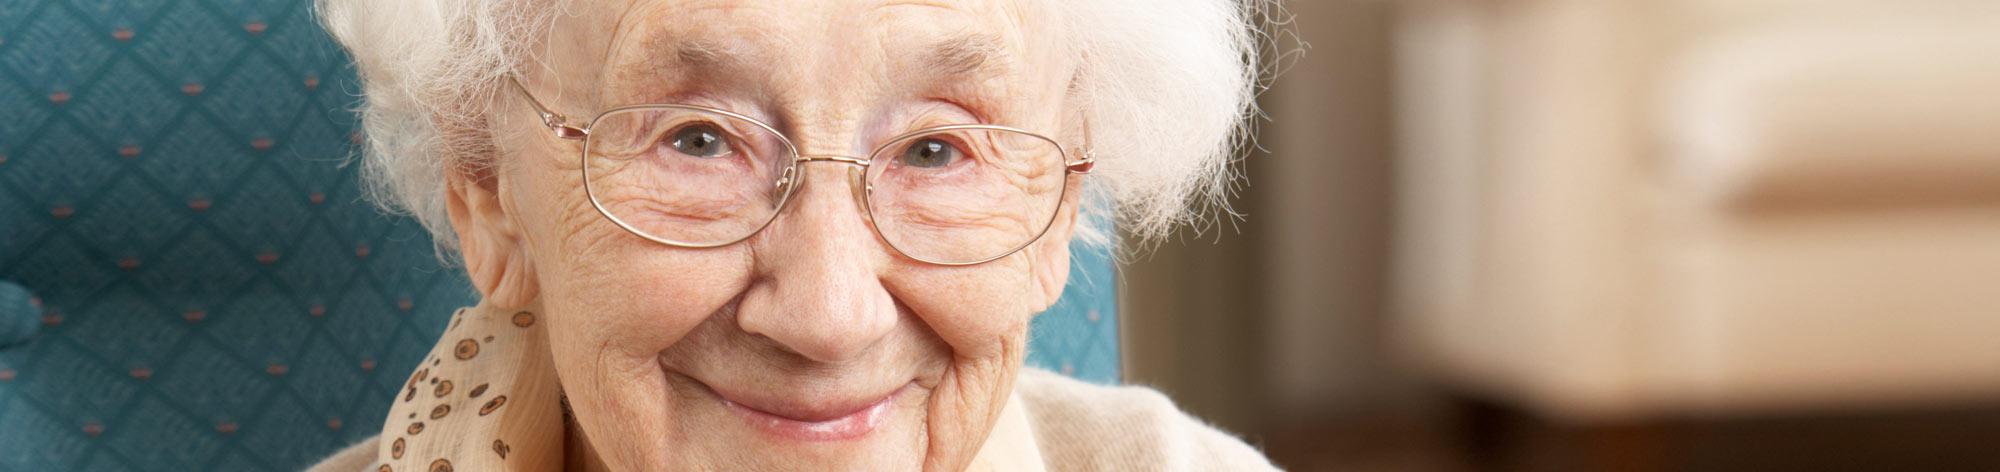 אישה מבוגרת עם משקפיים מחייכת